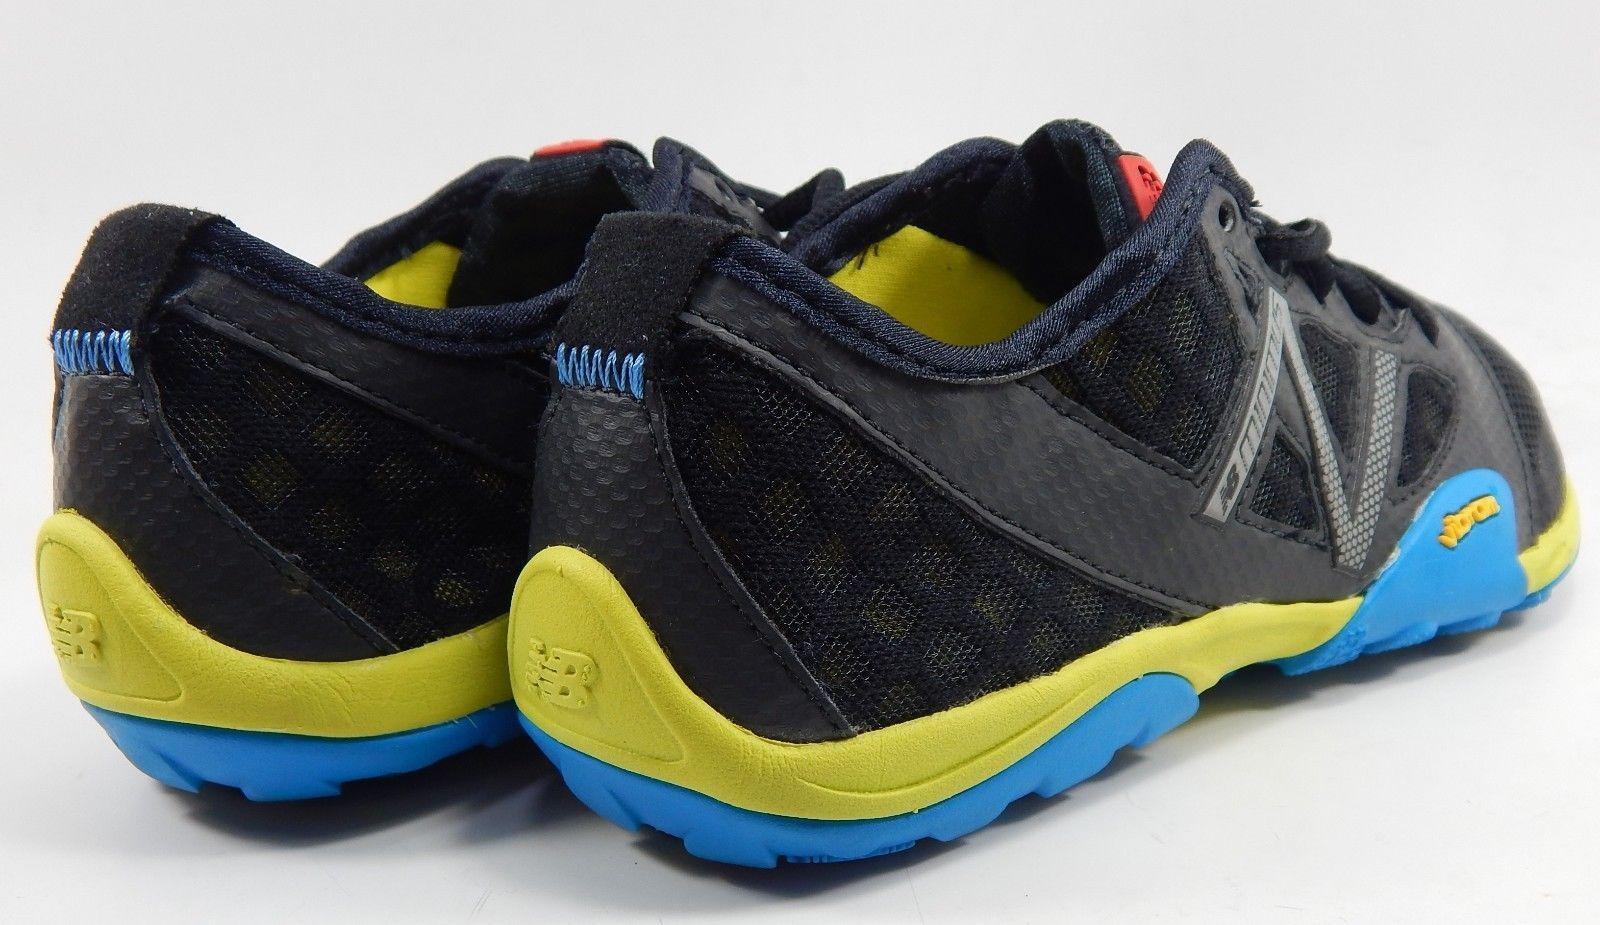 New Balance Minimus 20 Women's Trail Running Shoes Sz US 7 D WIDE EU 37.5 WT20GB